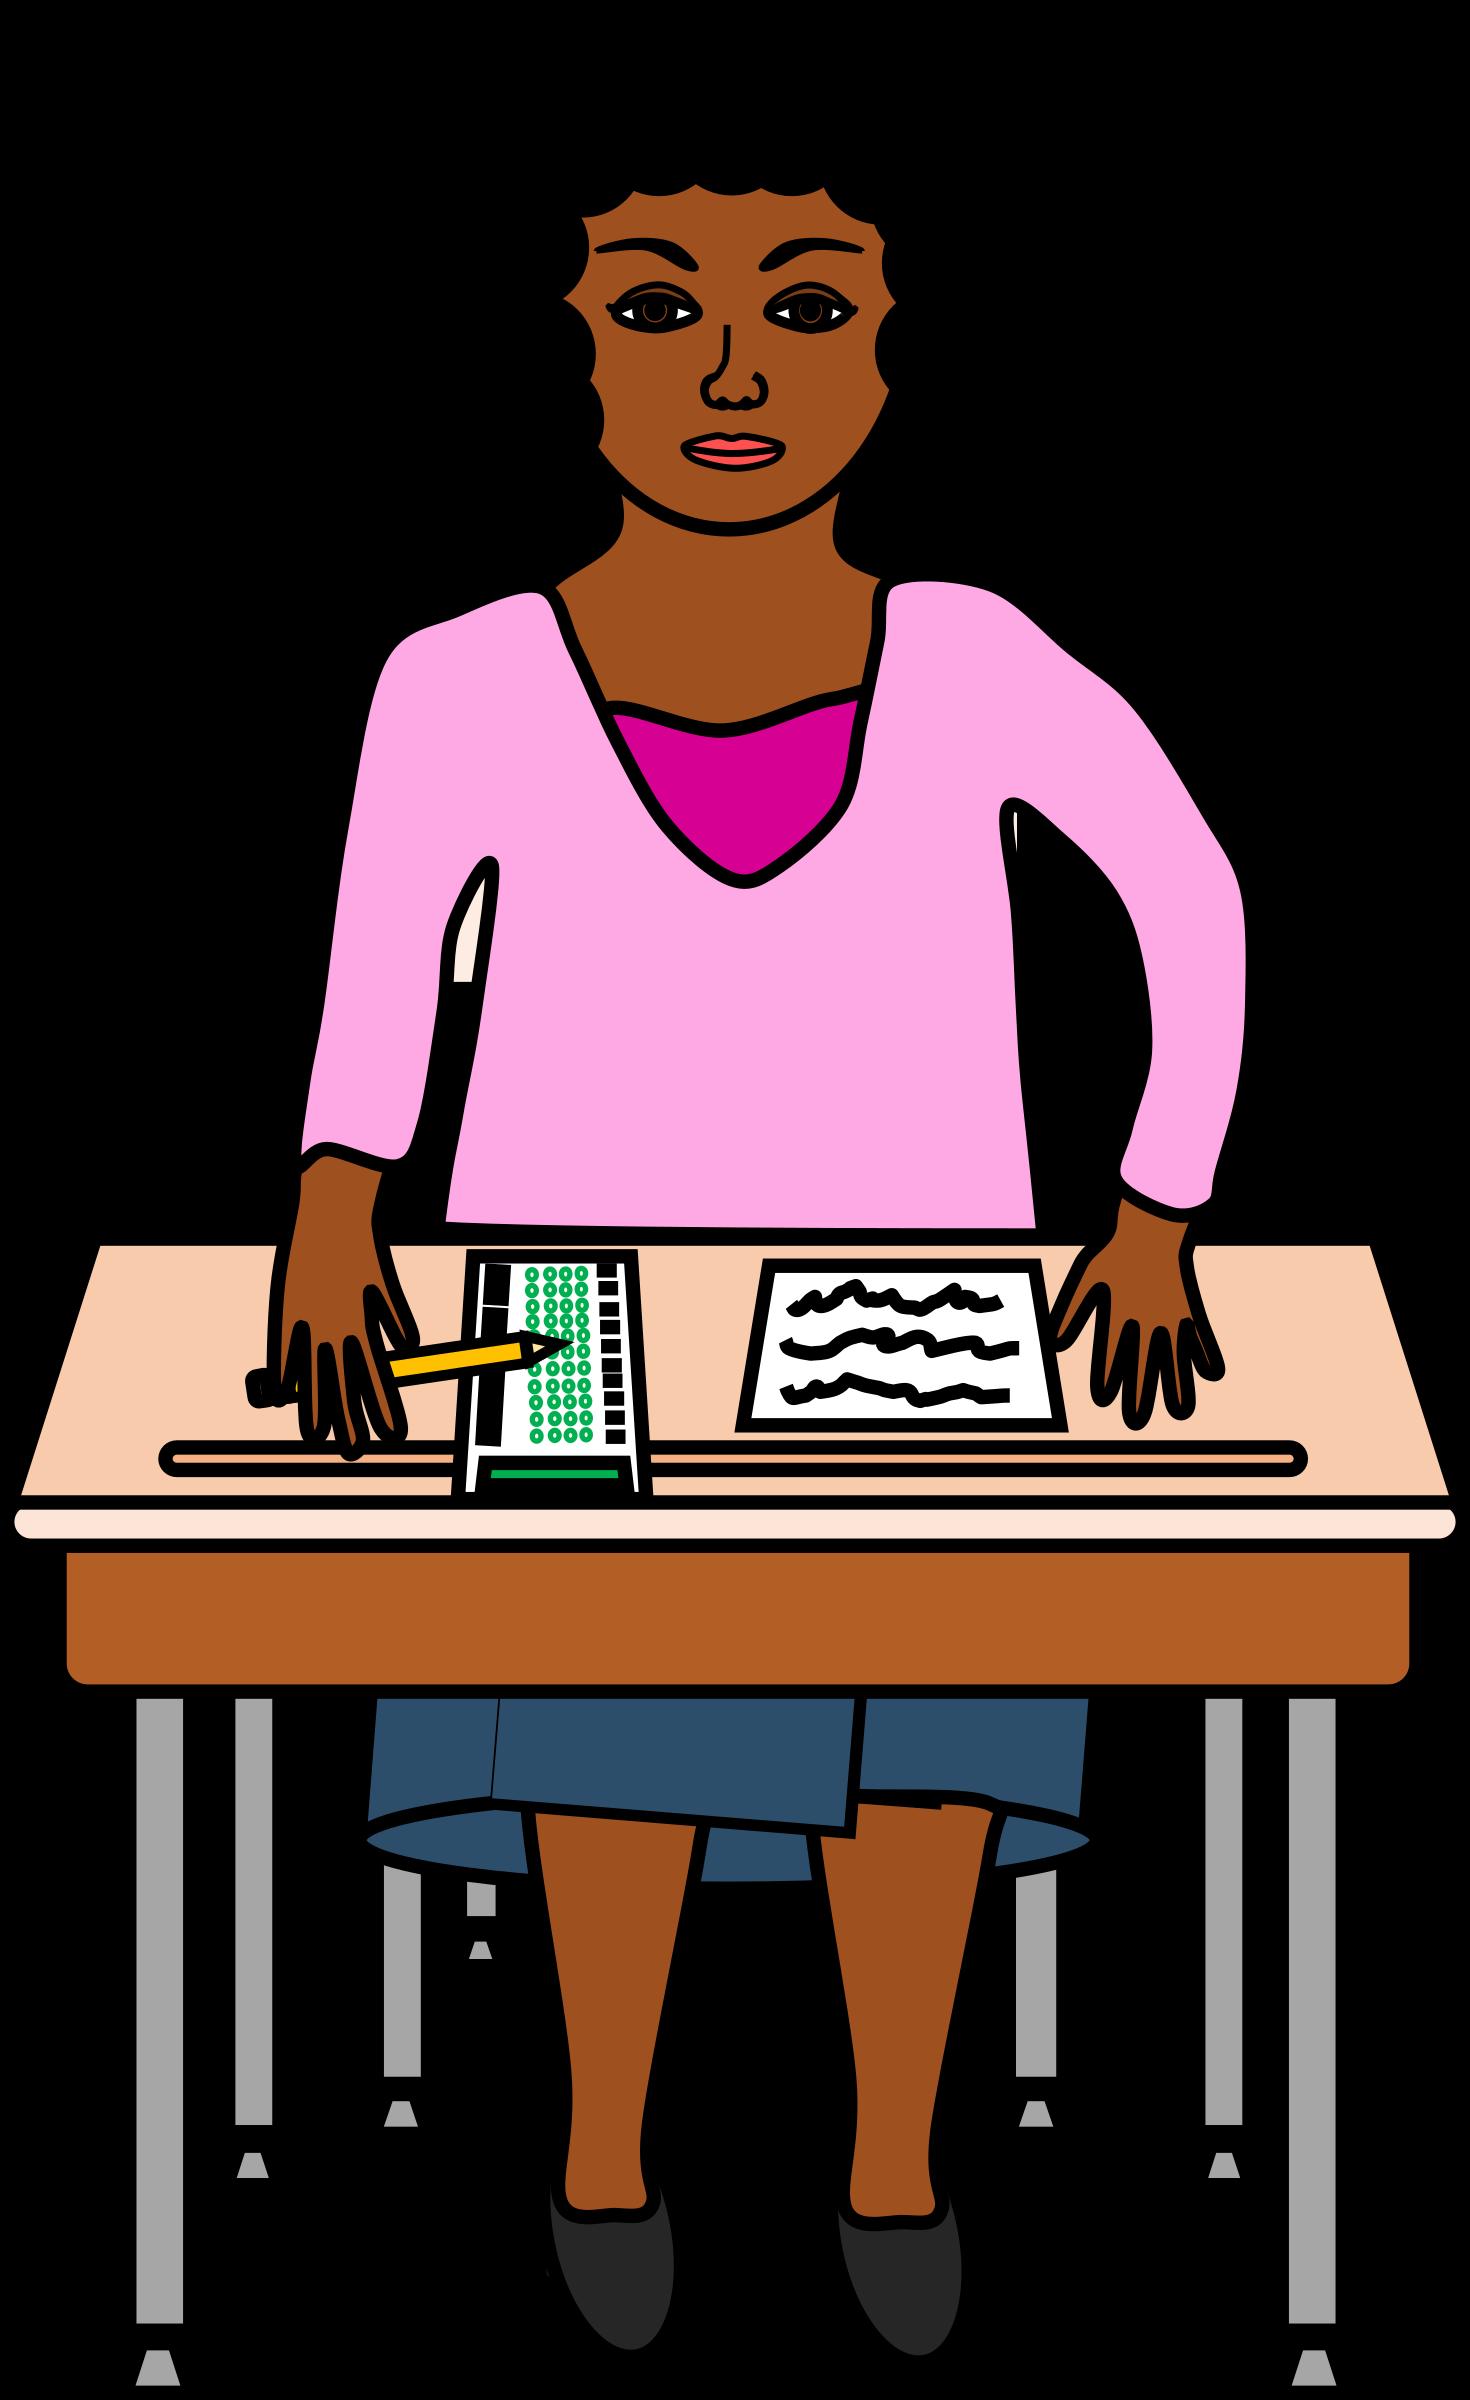 Desk clipart standardized test. Taking a in purple